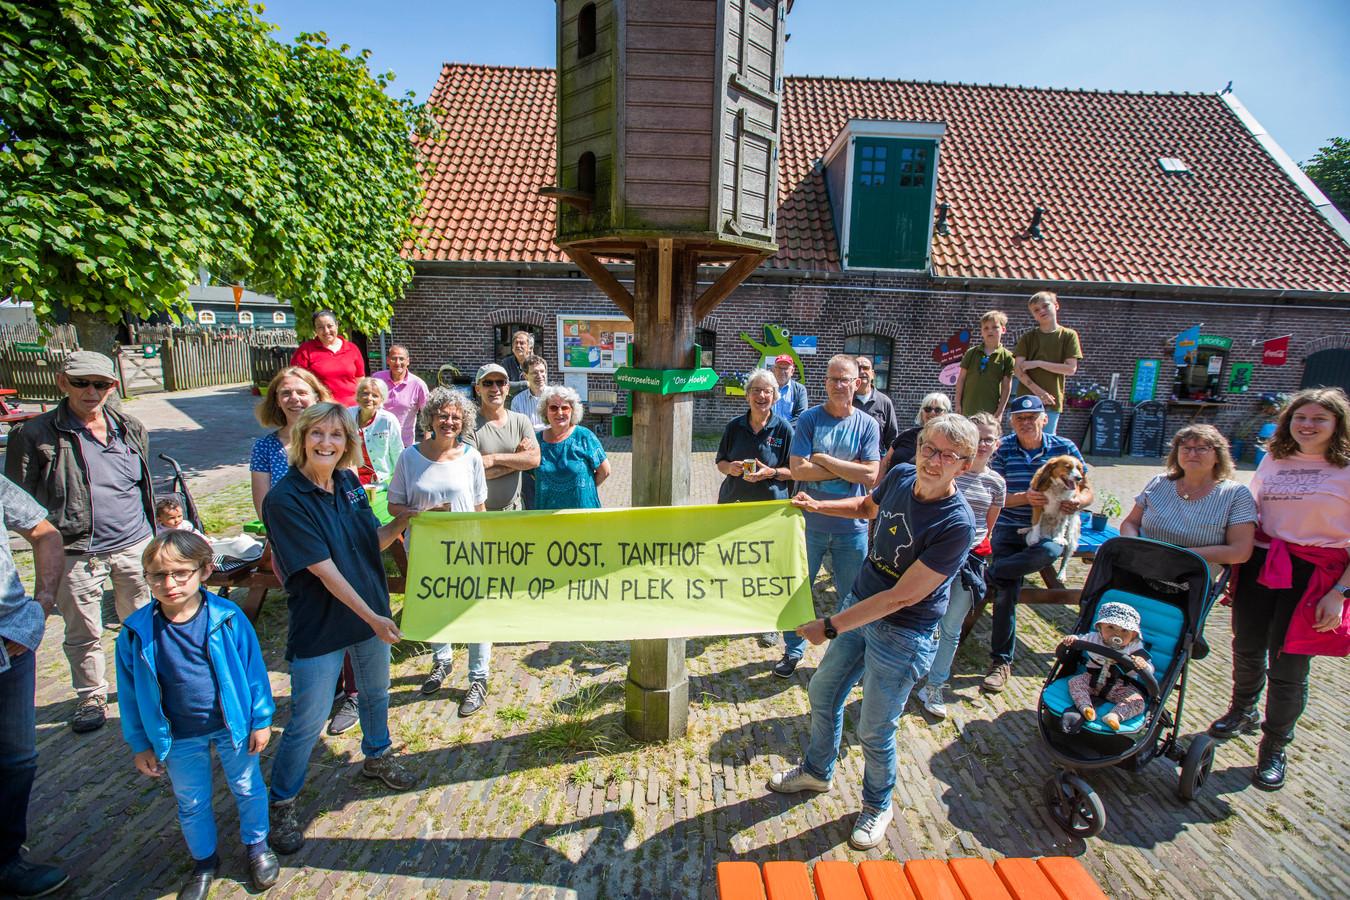 Protest bij Kinderboerderij Tanthof. De Kinderboerderij moet plaats maken voor een grote school waarin zes scholen moeten fuseren en de ontsluitingsweg die hiervoor nodig is.